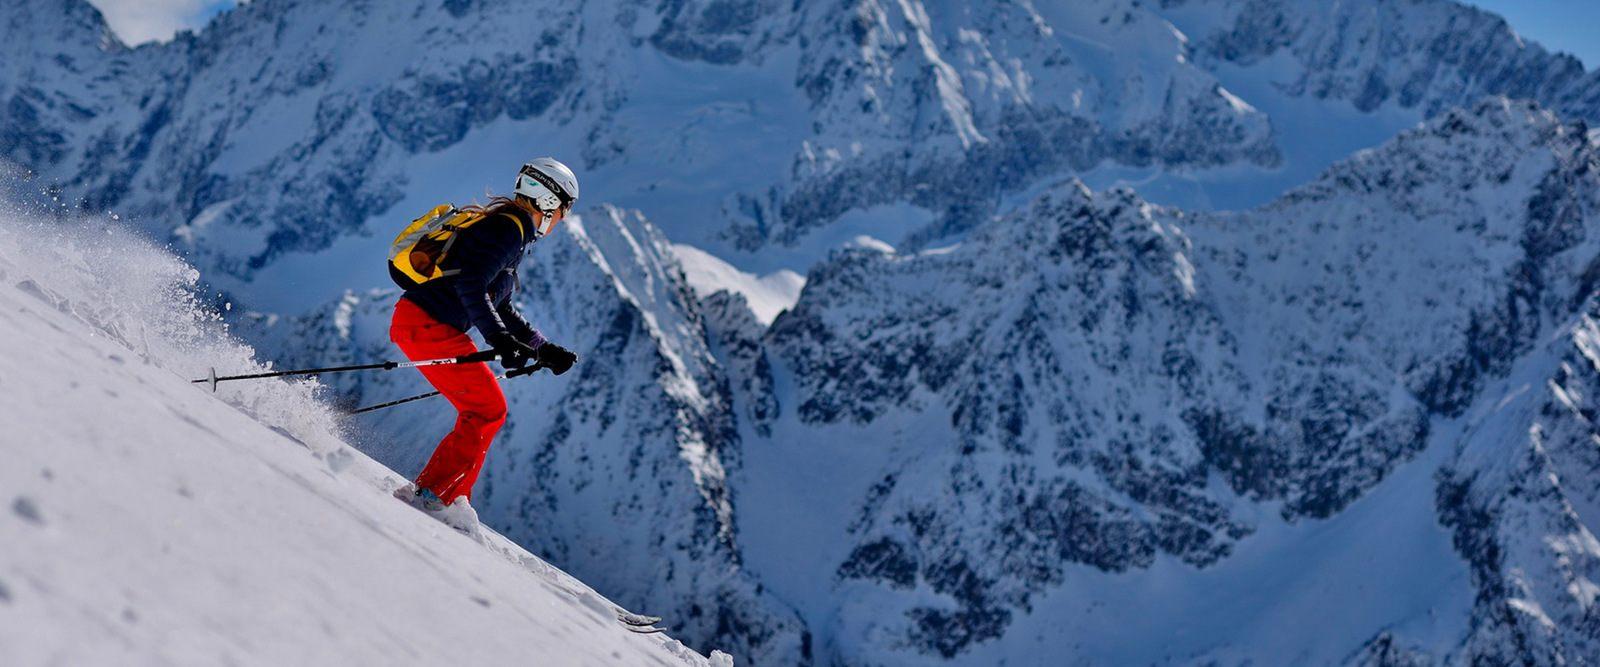 Sci alpinismo - Trentino